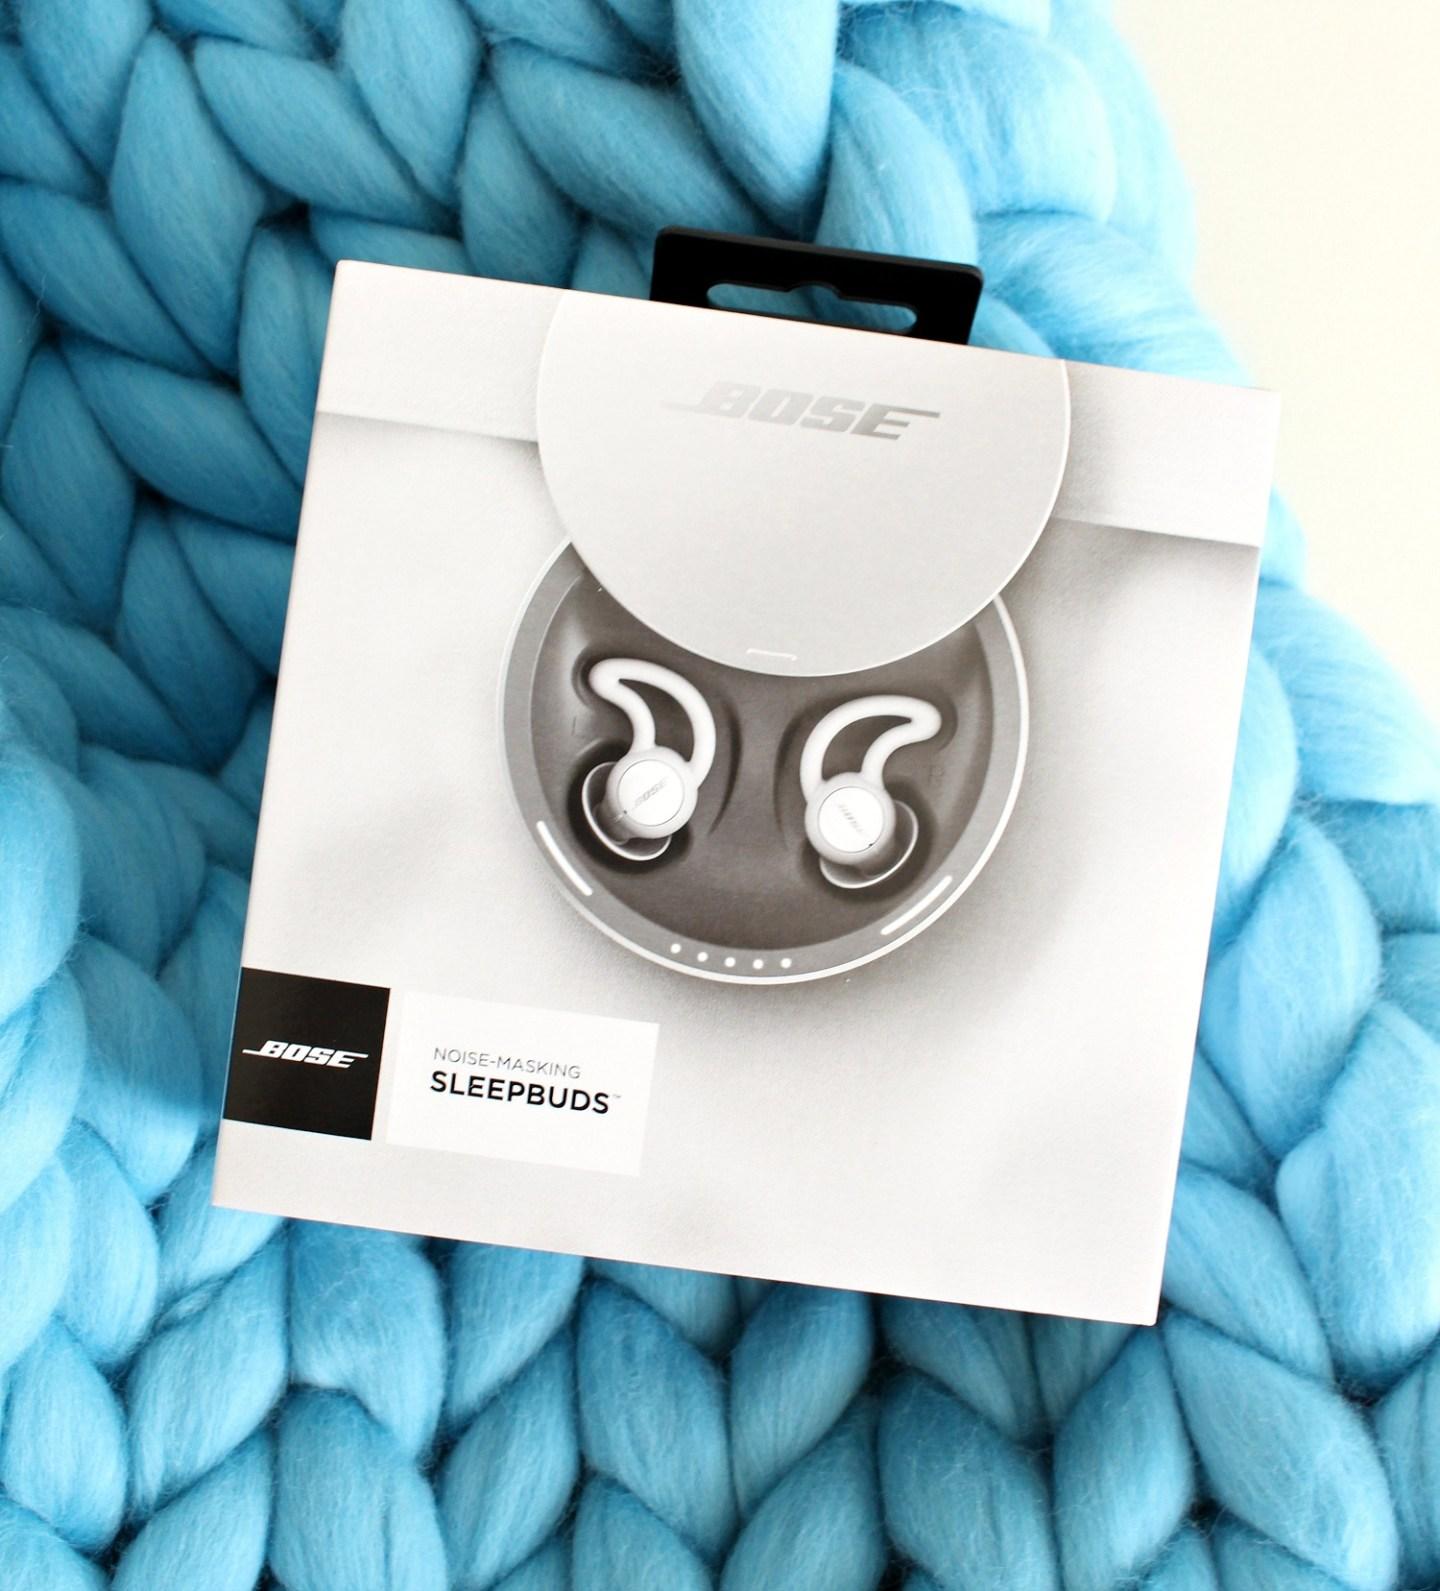 Bose® noise-masking sleepbuds™